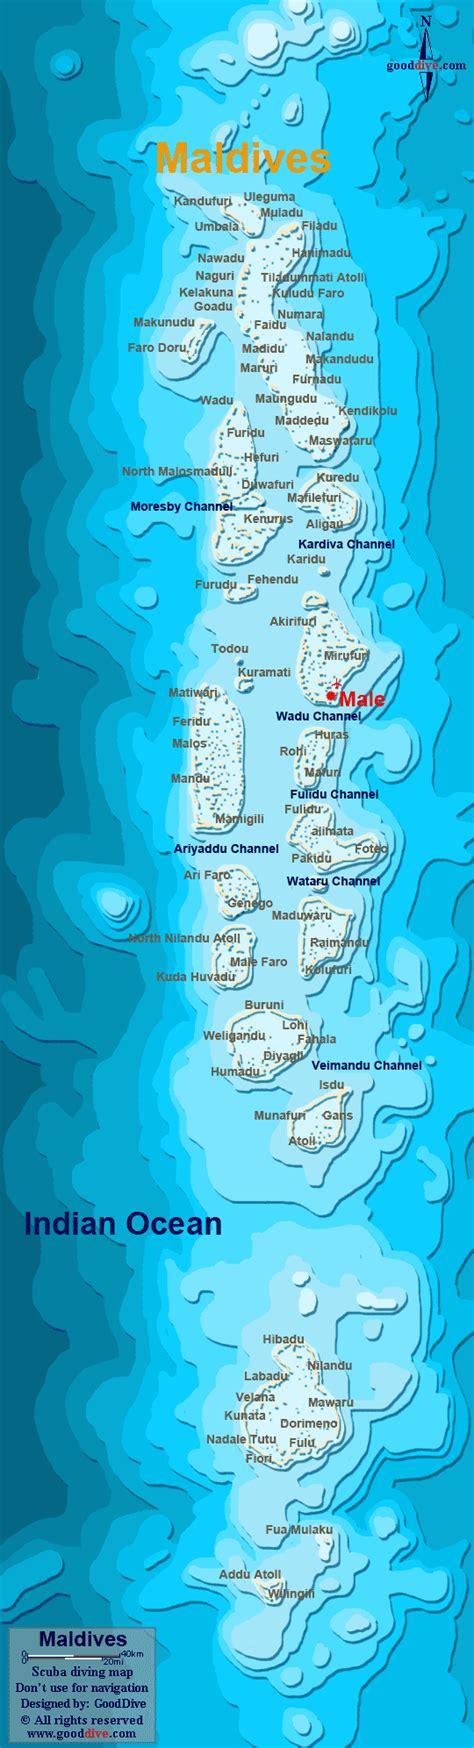 maldives map gooddivecom